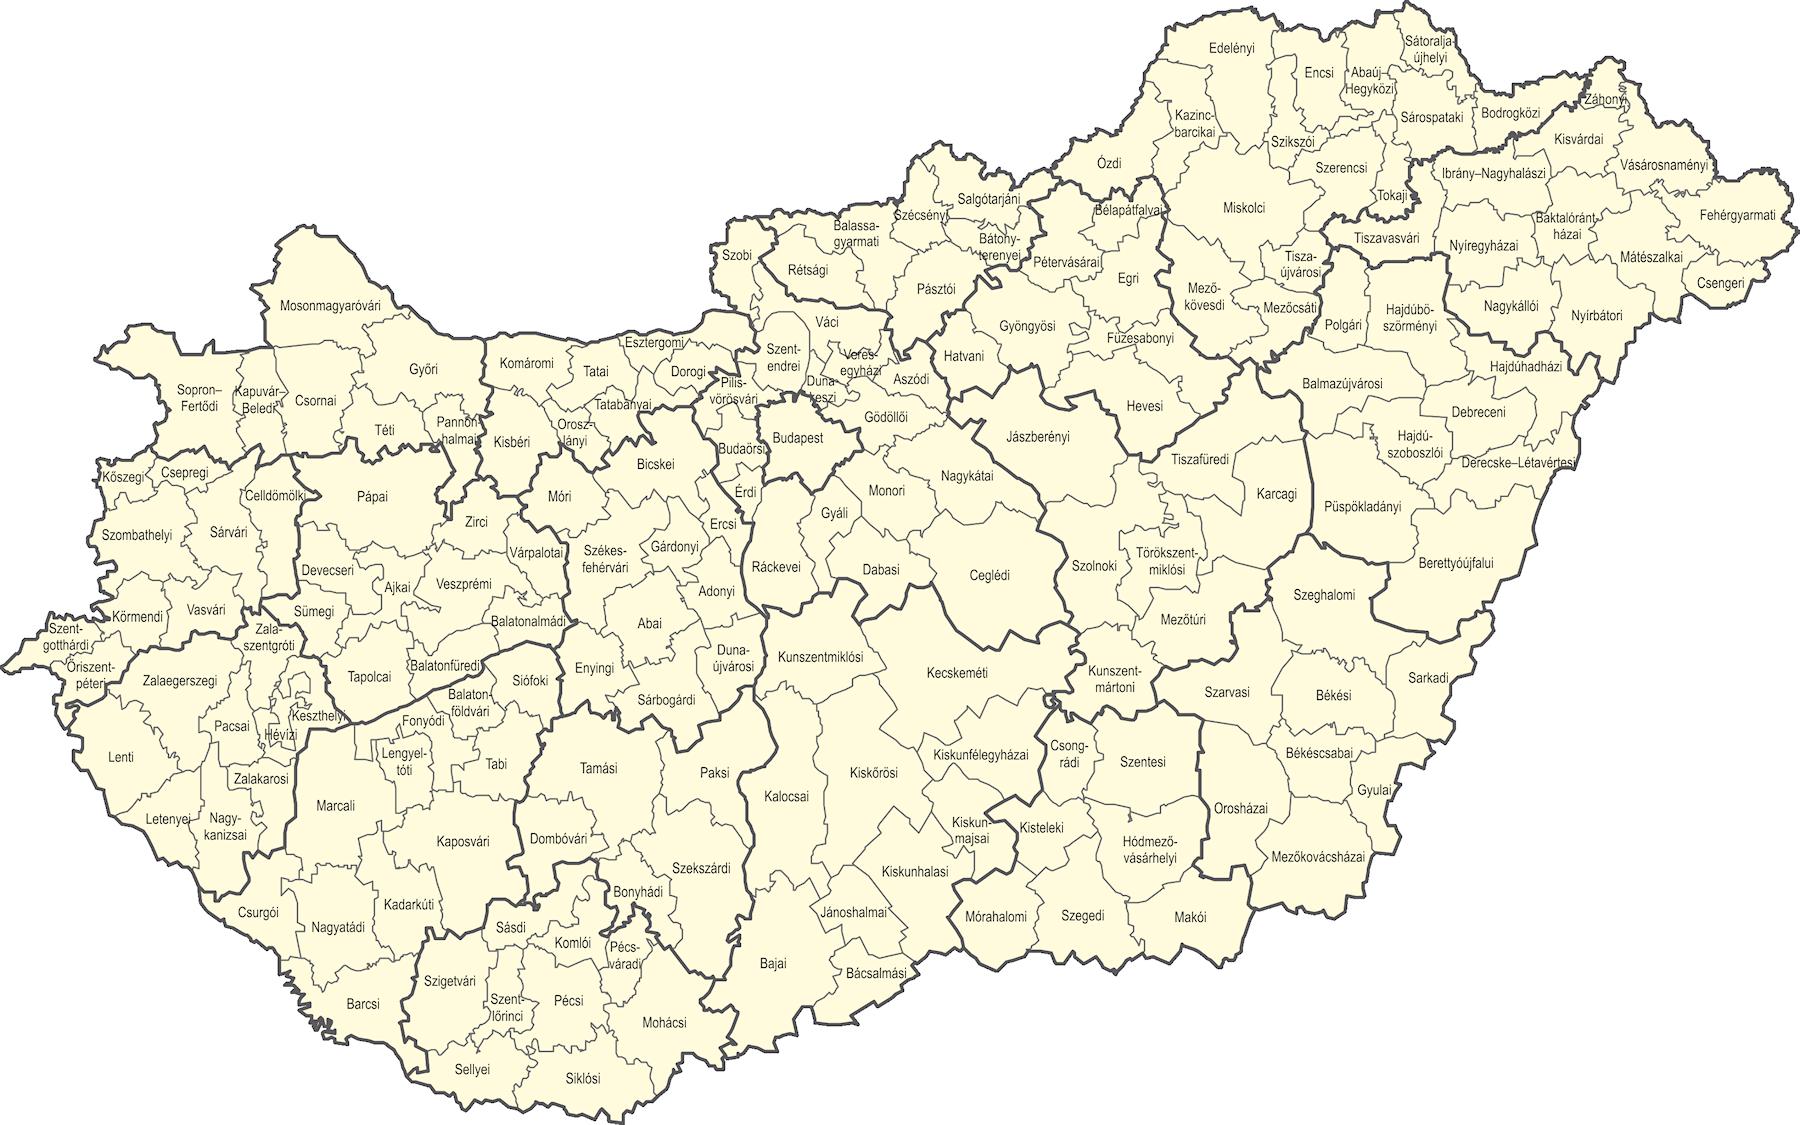 magyarország kistérségei térkép Központi Statisztikai Hivatal magyarország kistérségei térkép